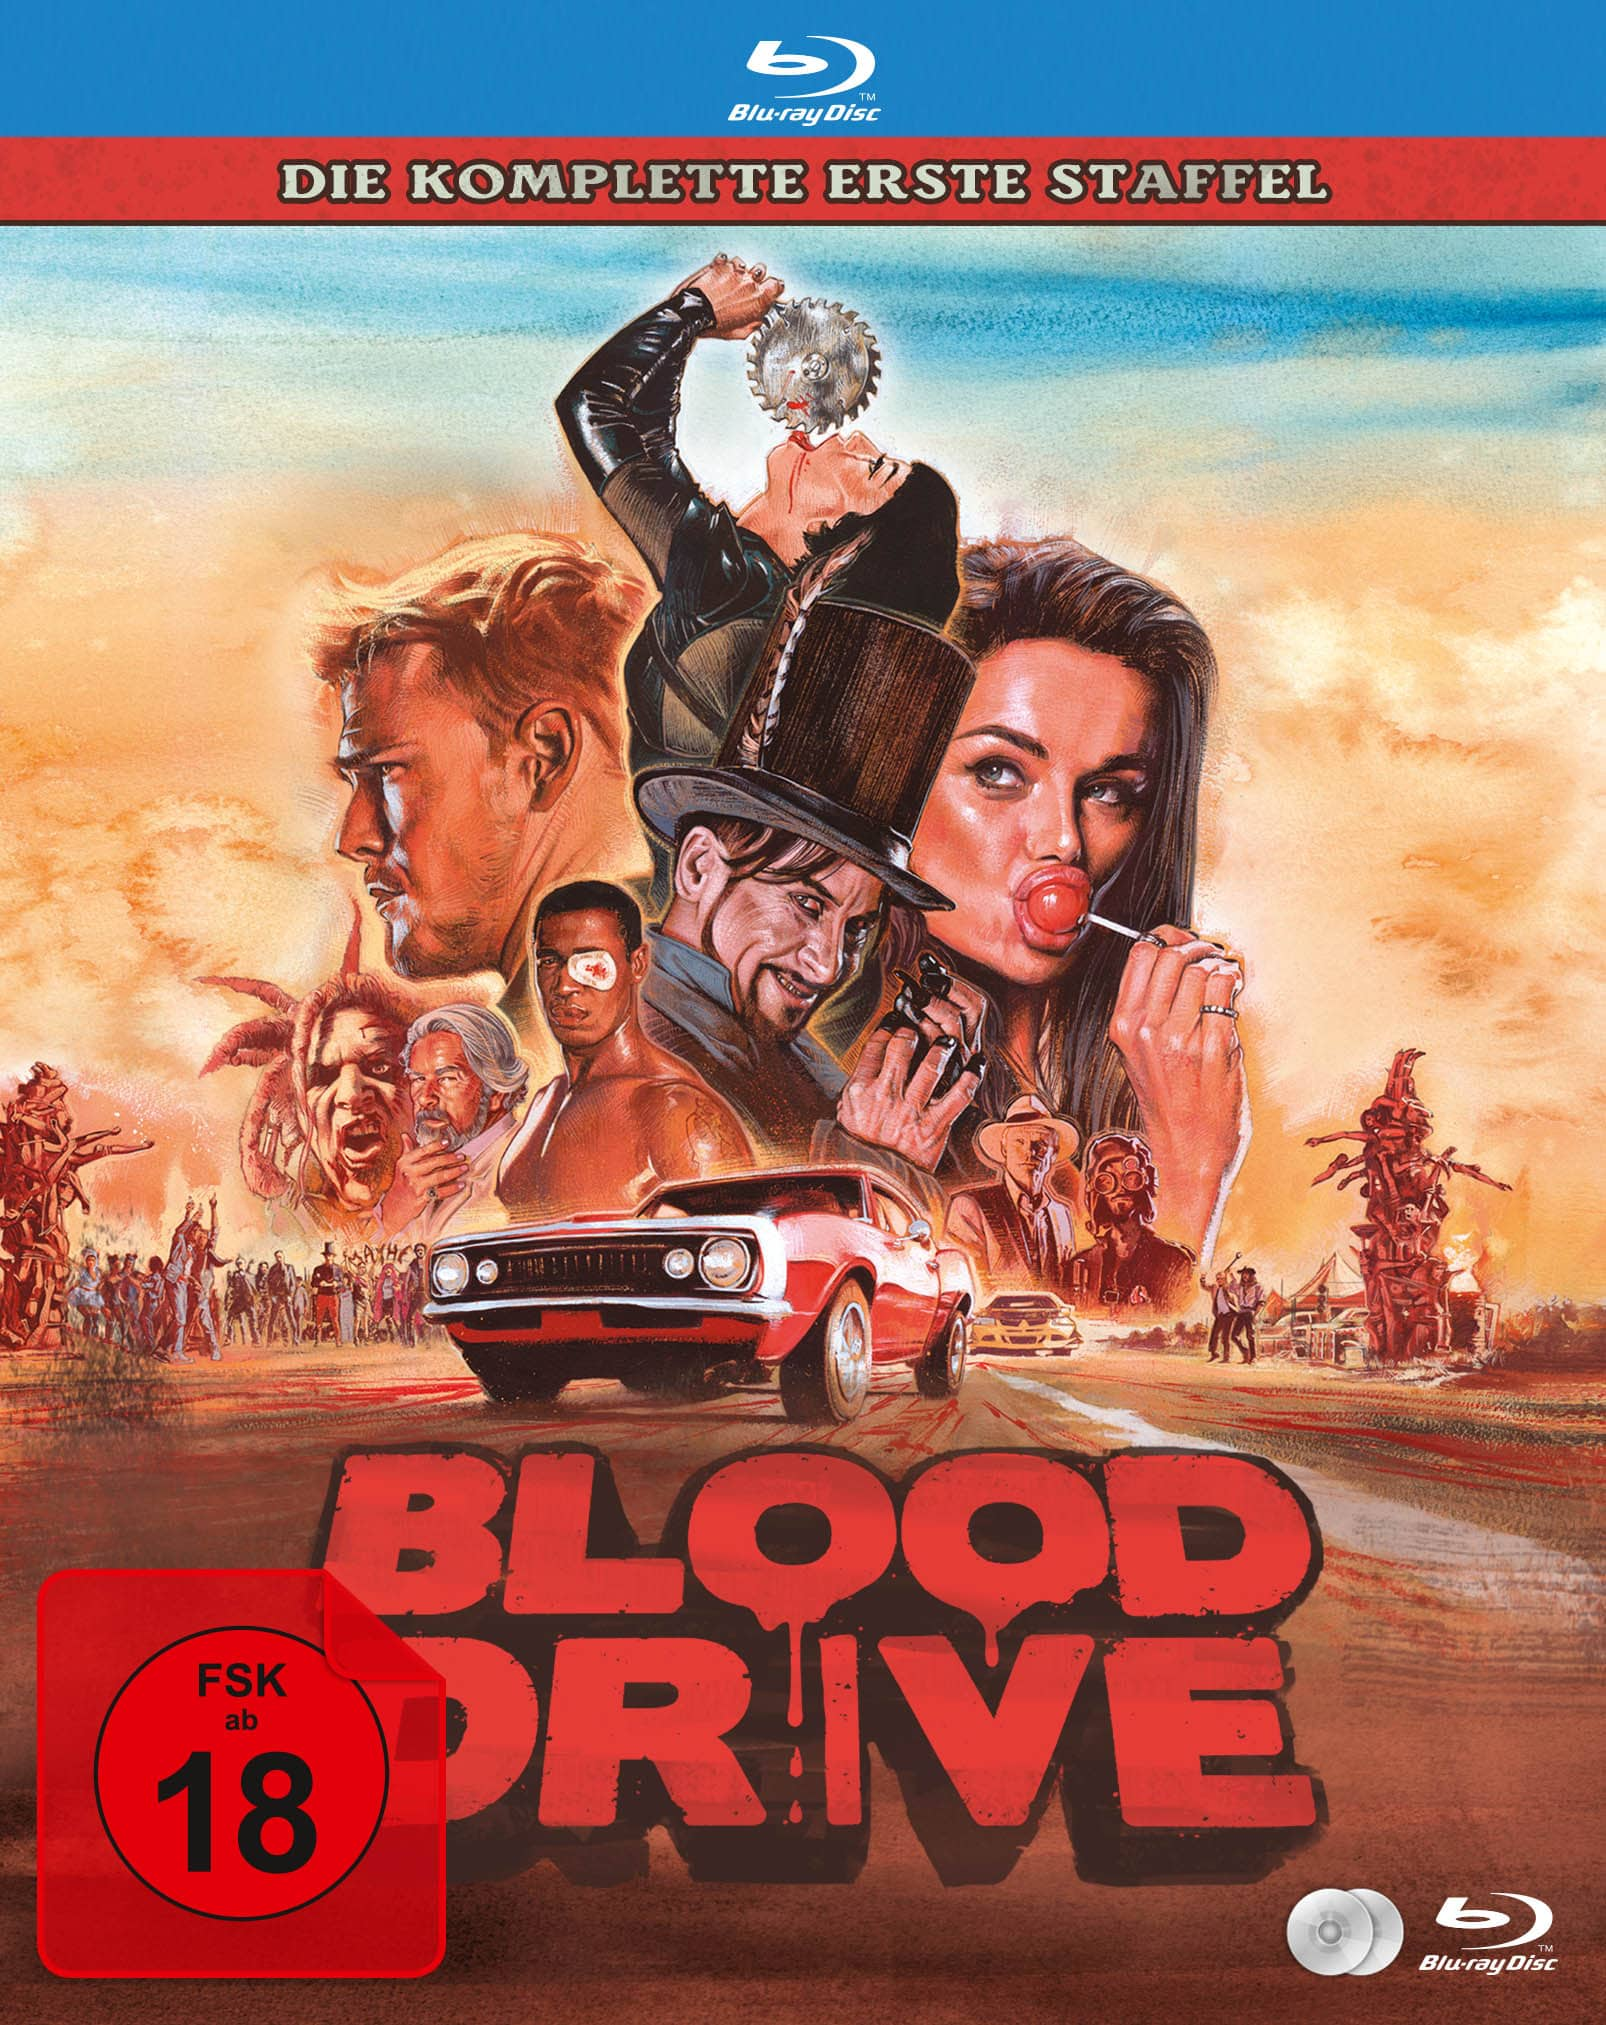 """Das Cover der Blu-Ray von """"Blood Drive"""" mit den Protagonisten im Zentrum des Bildes und einem Auto in einer postapokalyptischen Landschaft."""